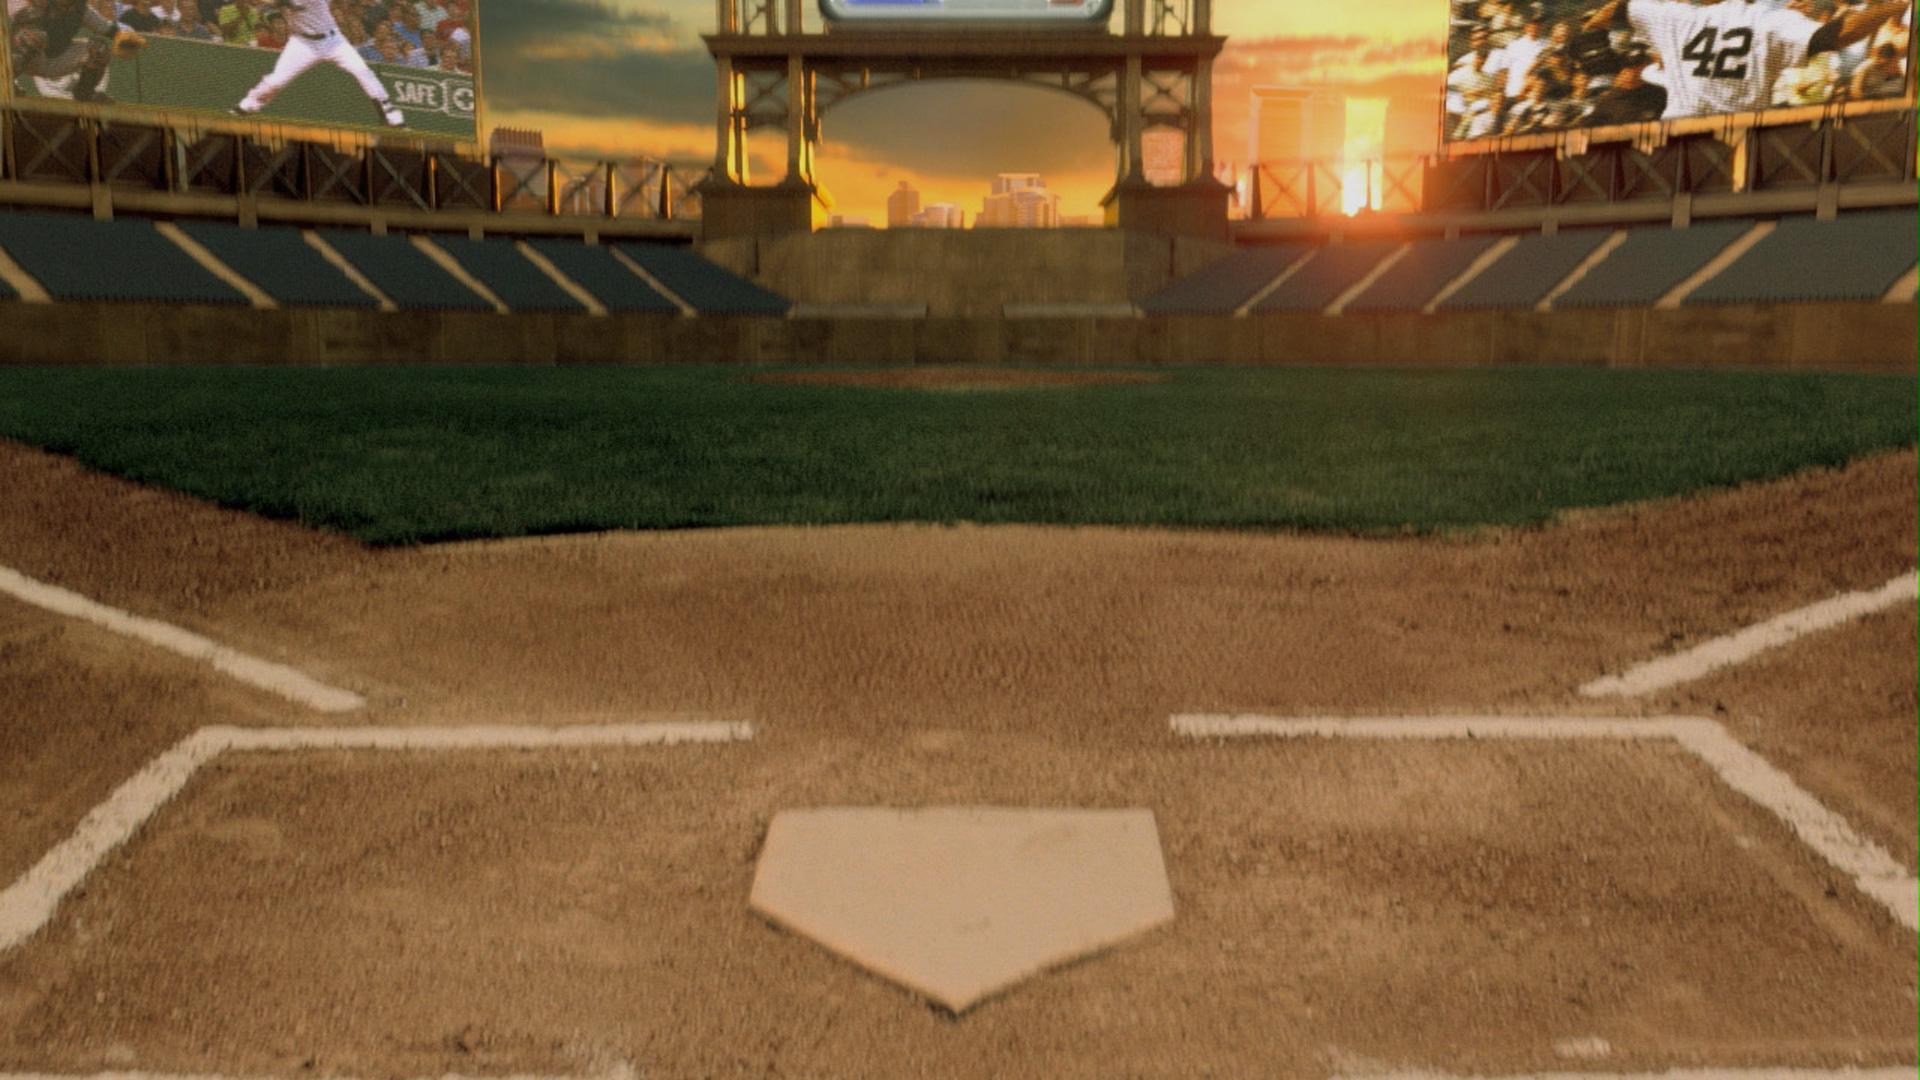 FOX_MLB_Splash_04.jpg